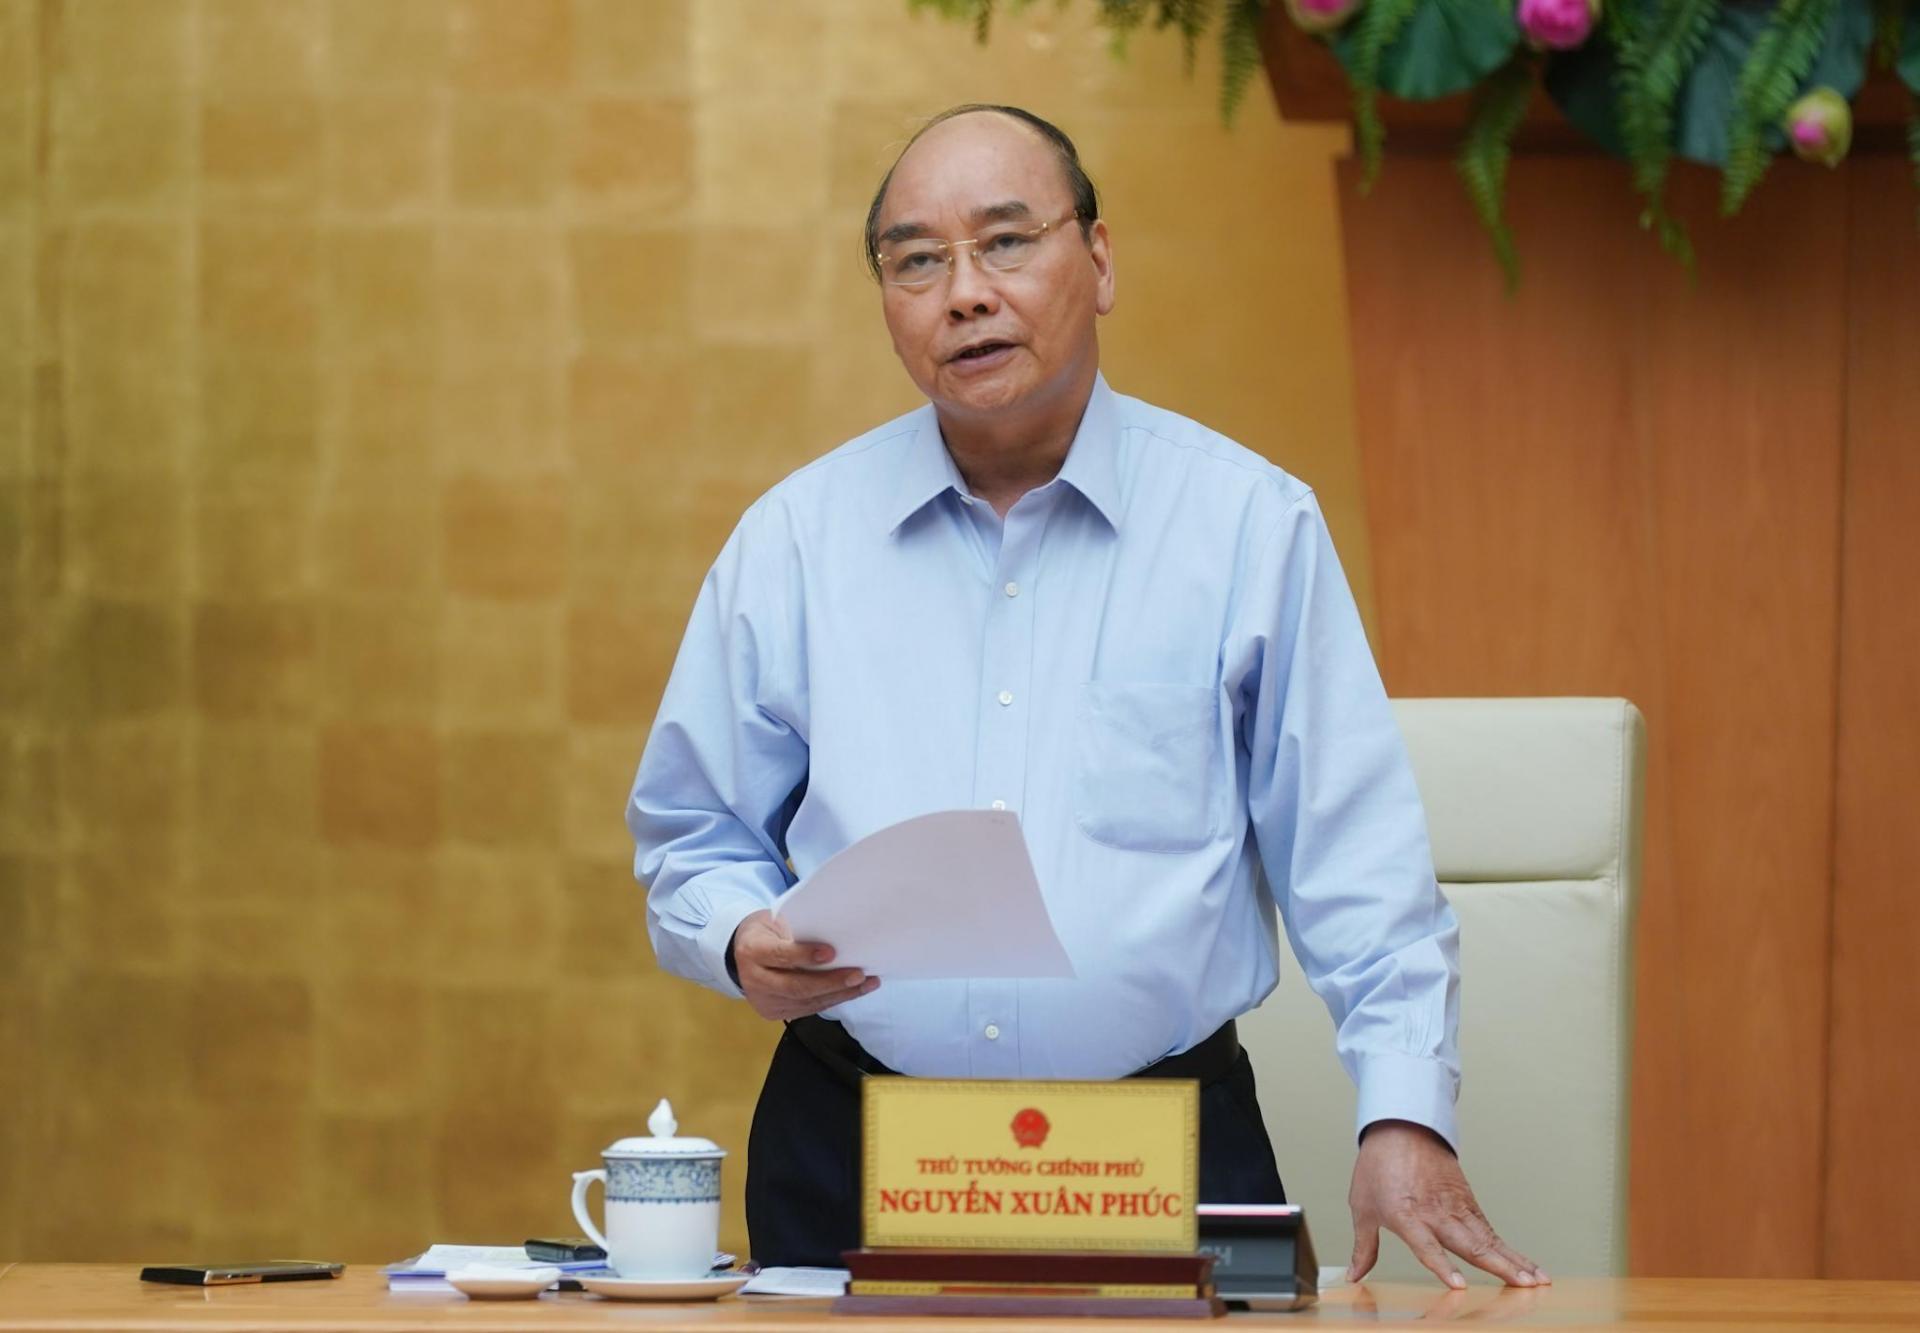 Thủ tướng Nguyễn Xuân Phúc phát biểu. Ảnh: VGP